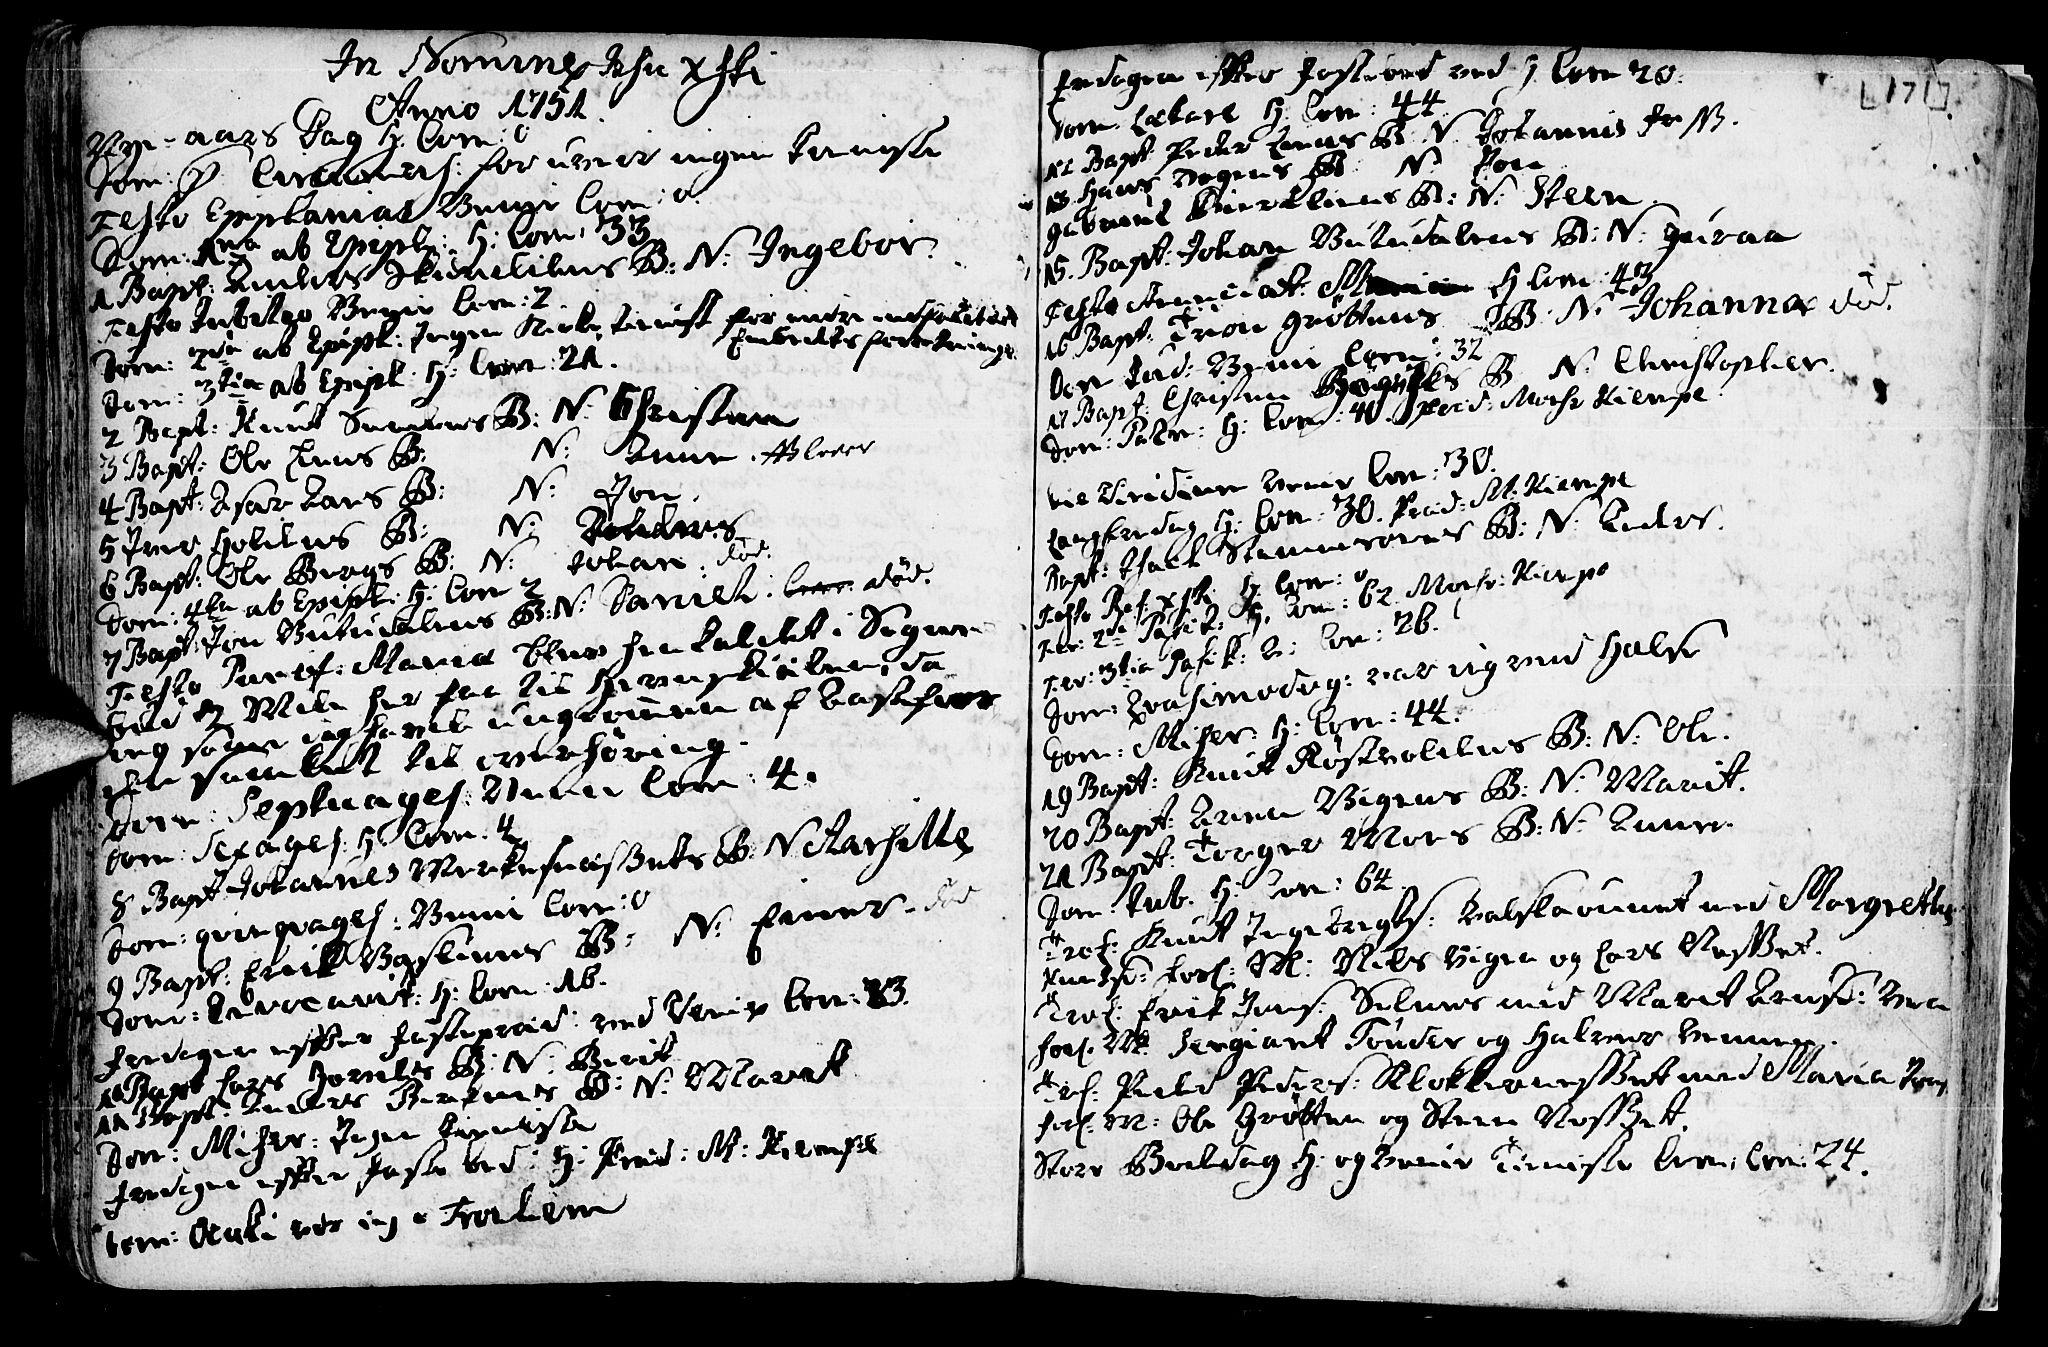 SAT, Ministerialprotokoller, klokkerbøker og fødselsregistre - Sør-Trøndelag, 630/L0488: Ministerialbok nr. 630A01, 1717-1756, s. 170-171